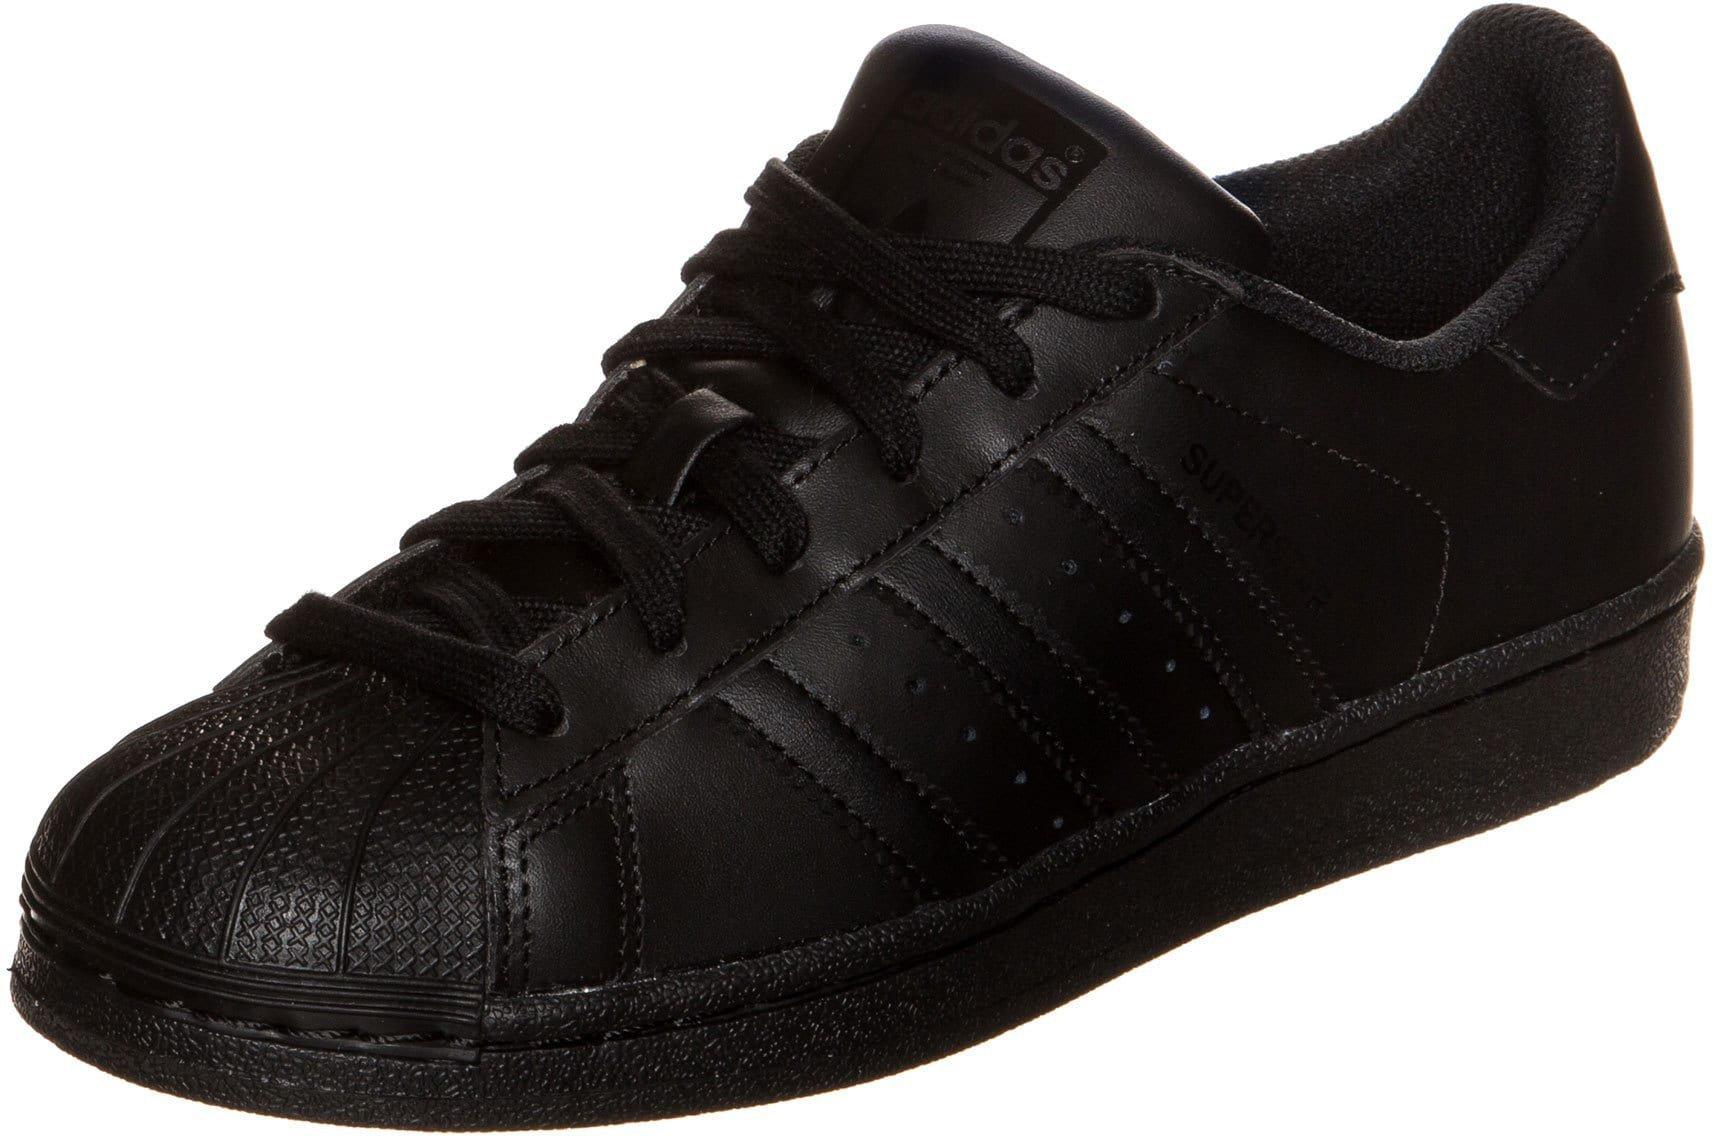 Adidas Superstar Foundation all black